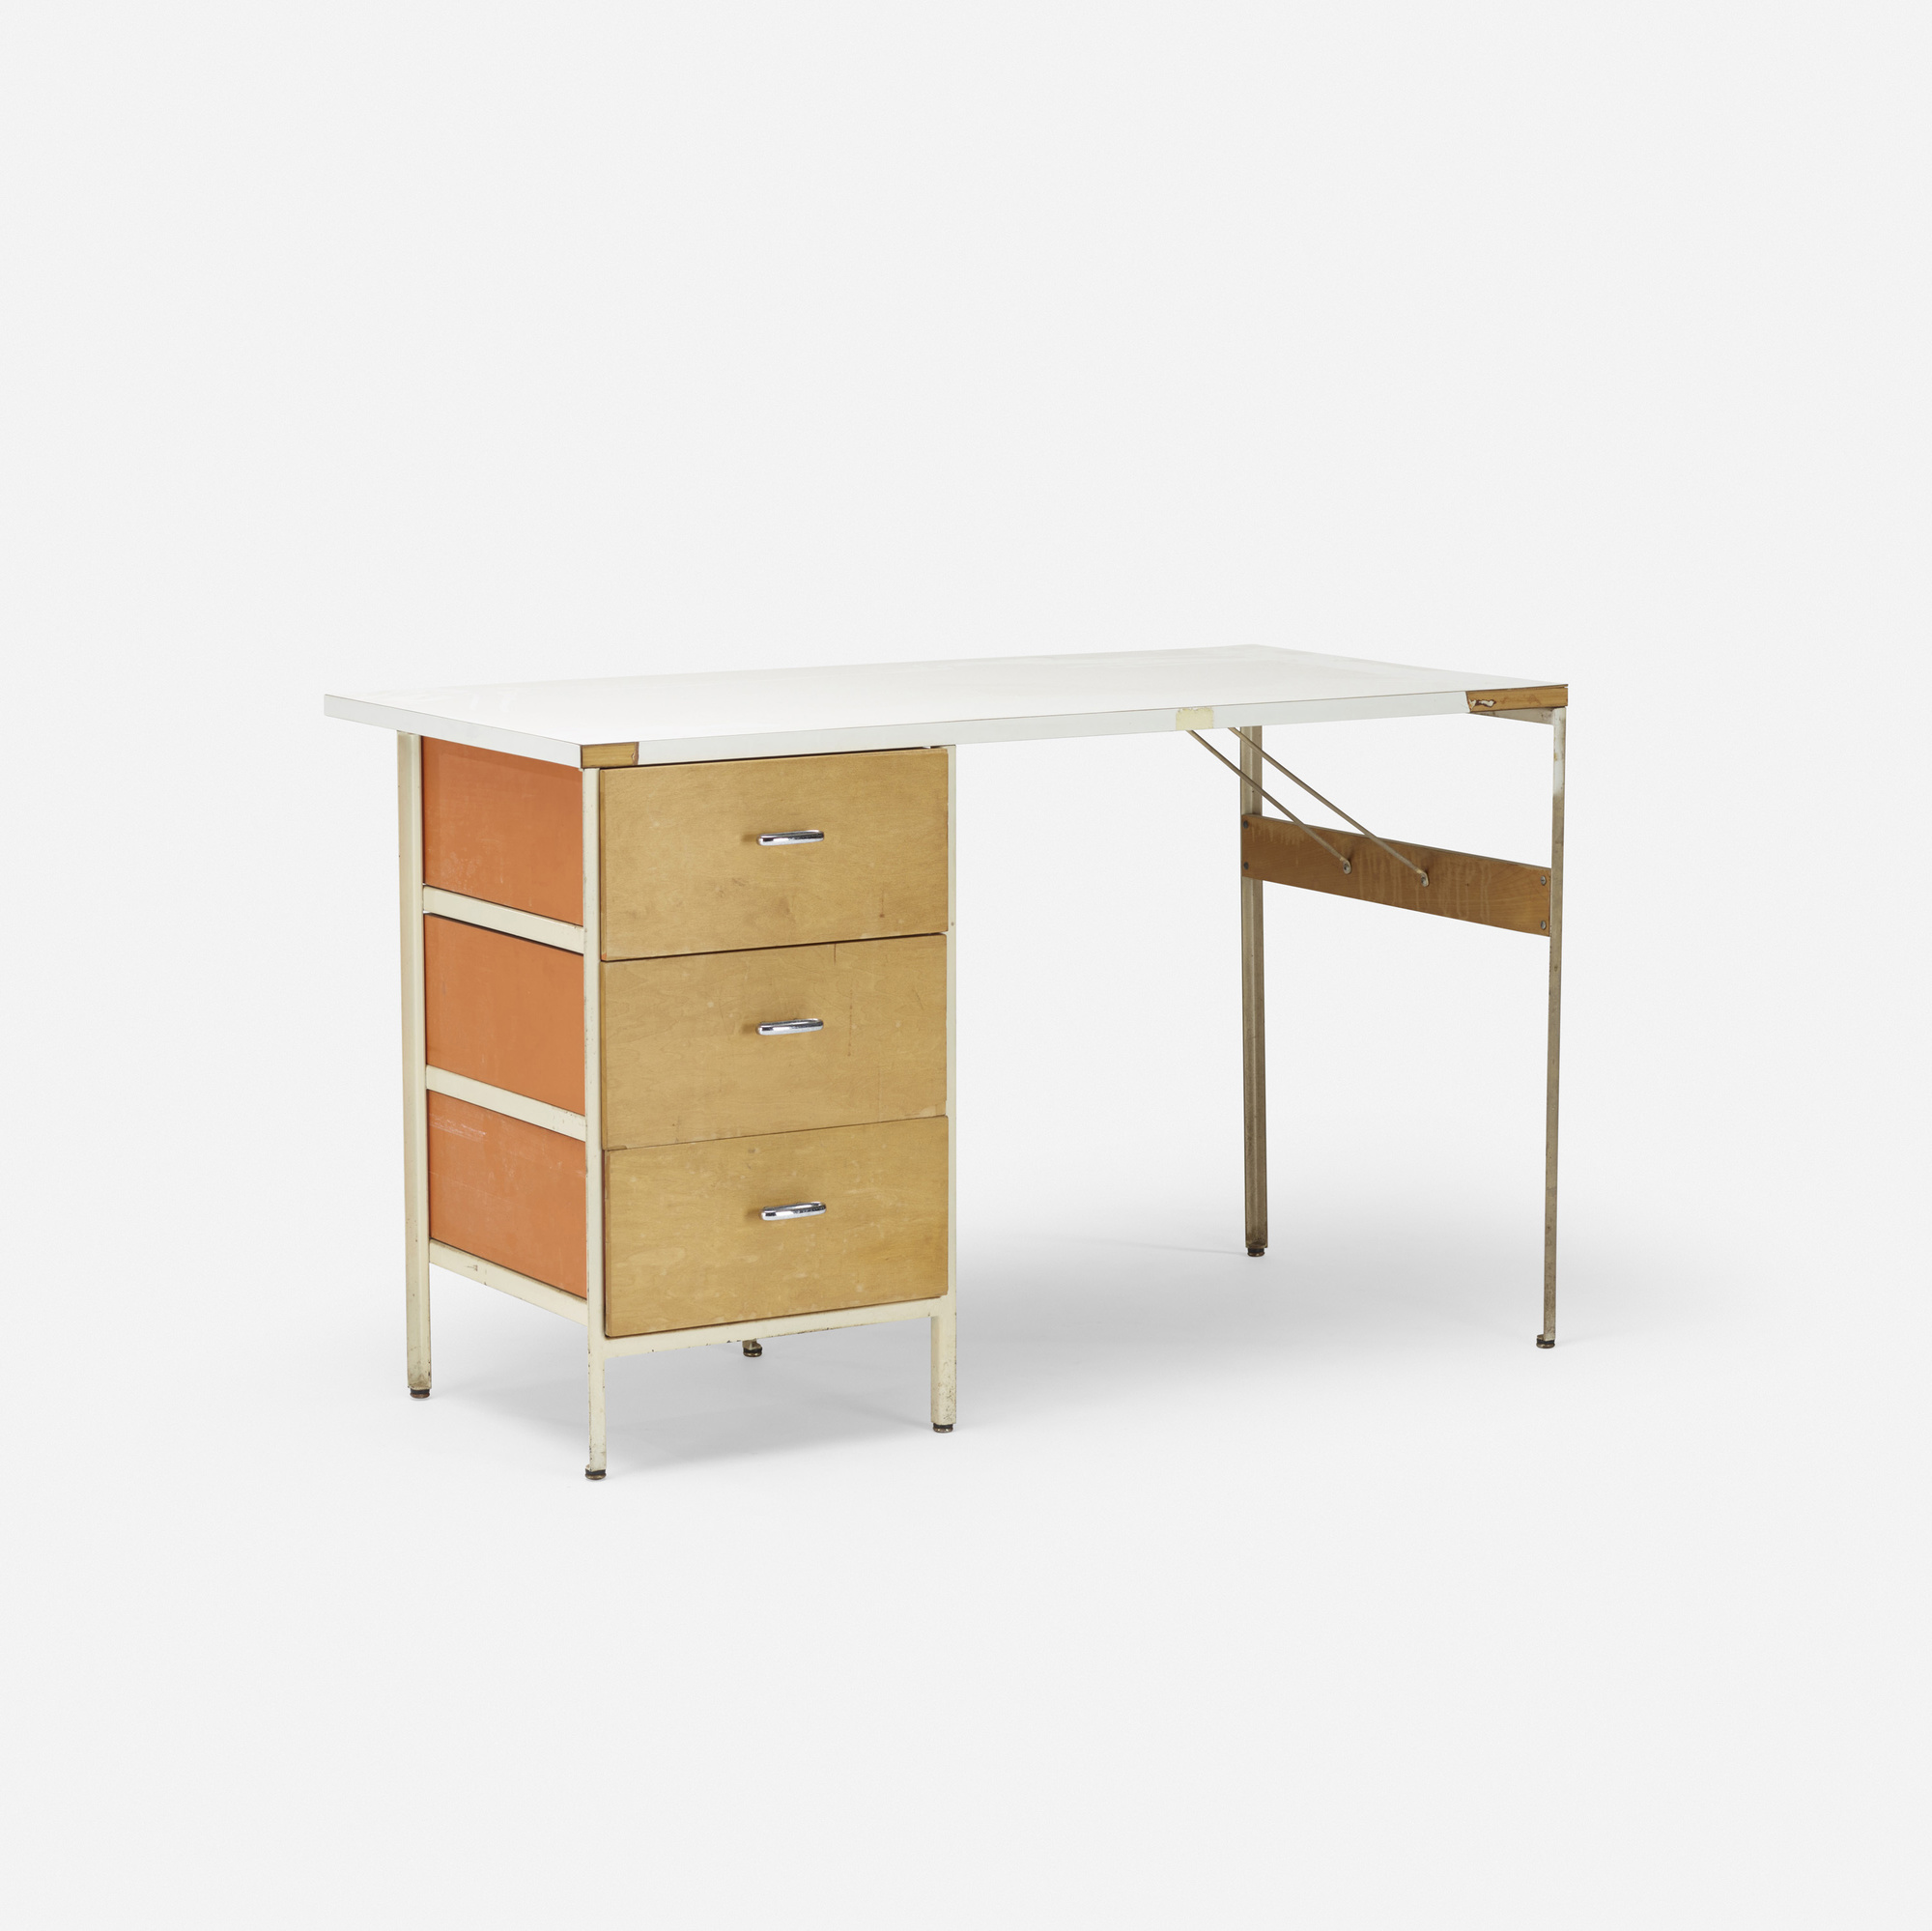 632: George Nelson & Associates / Steelframe desk, model 4173 (1 of 1)